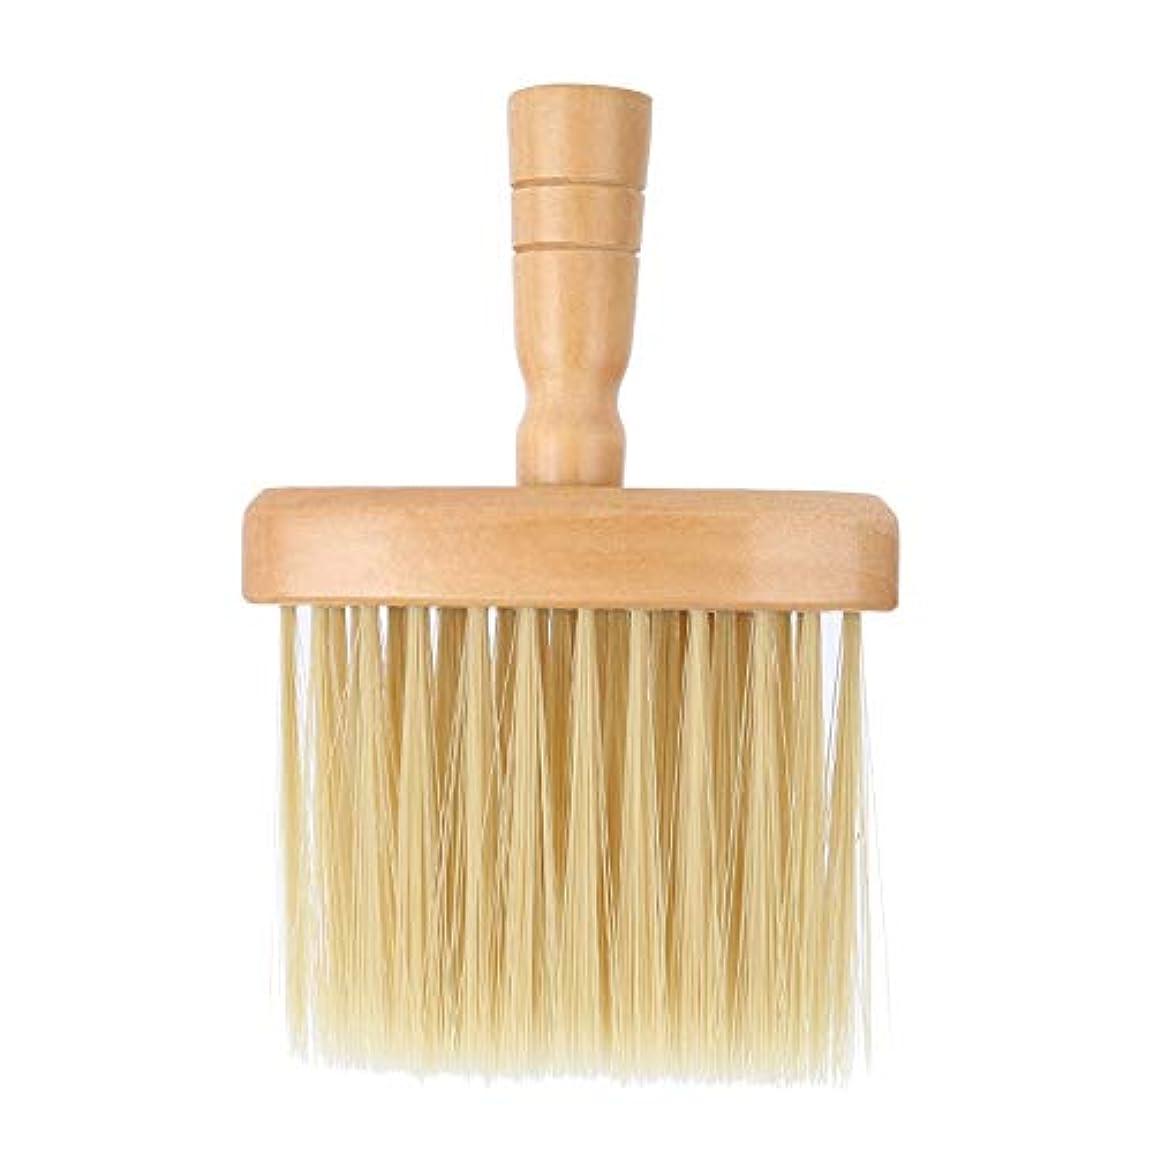 事業正気騙すヘアカットブラシネックフェイスダスターブラシサロンヘアクリーニング木製掃除ブラシヘアカット理髪ツール